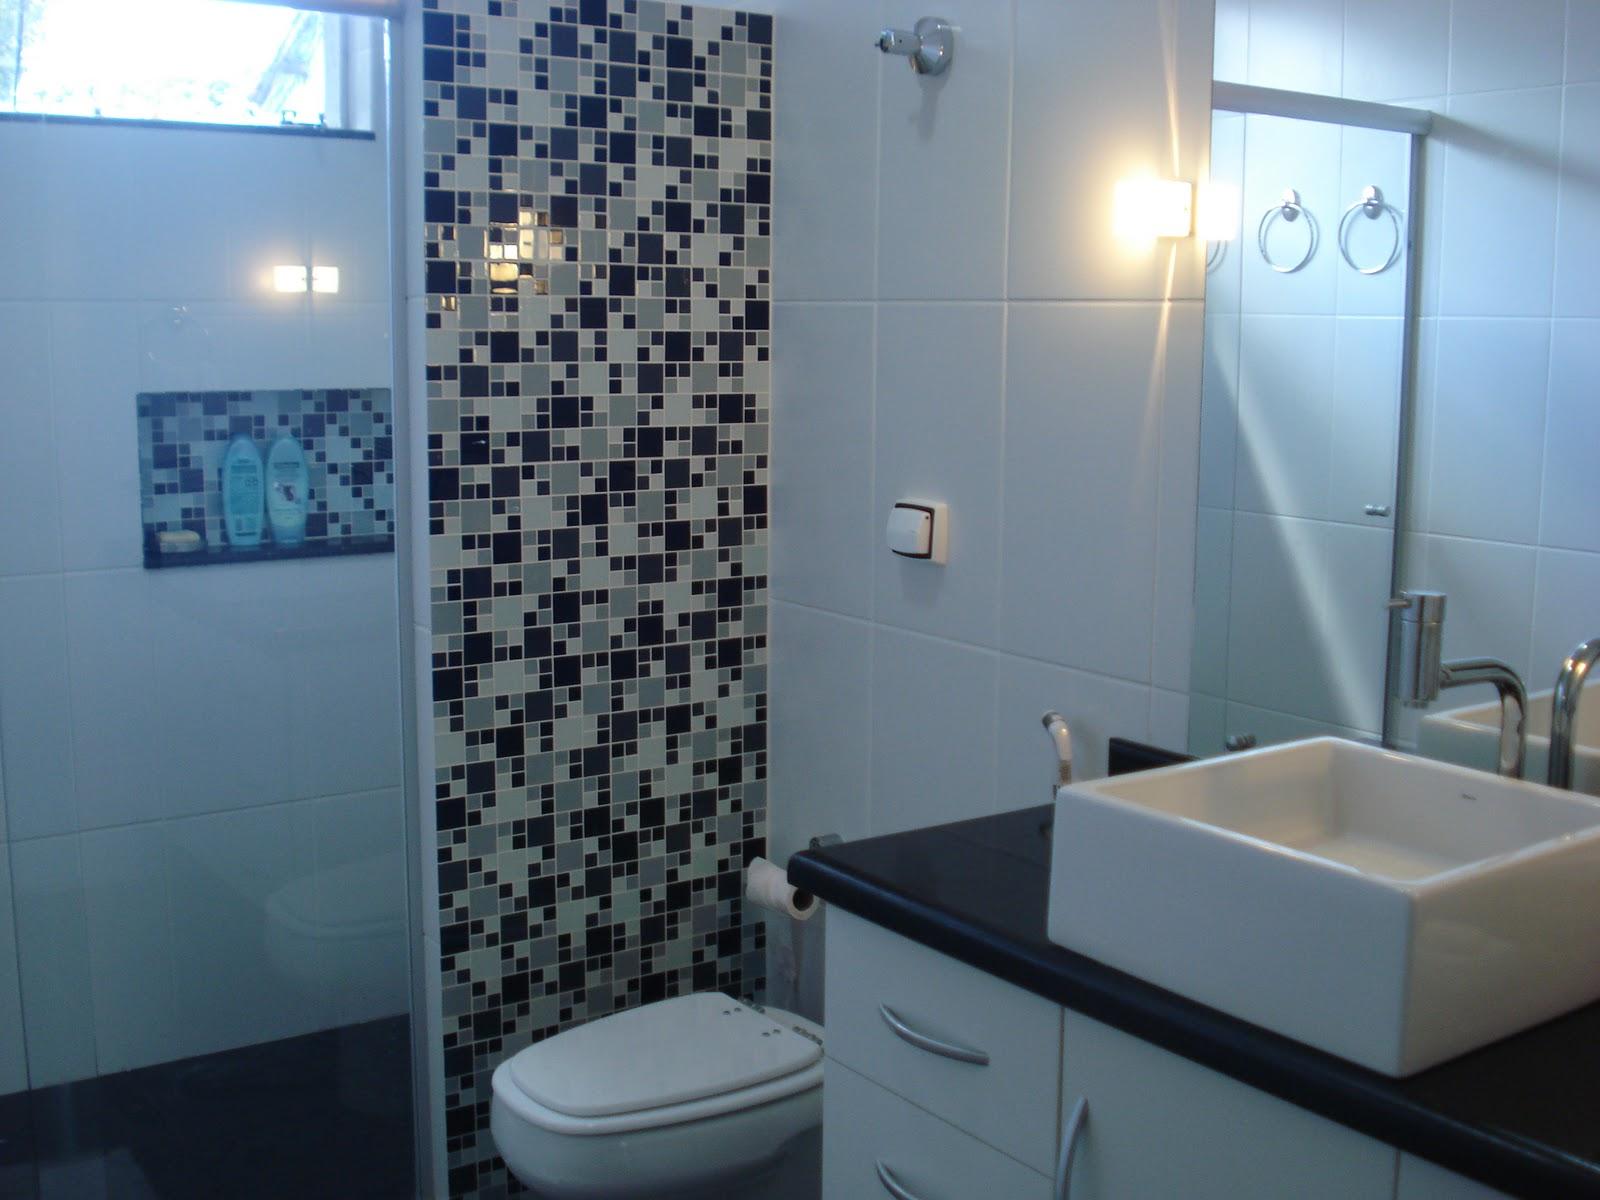 Arquiteta Bianca Monteiro: Reforma de uma Residência #3A6991 1600 1200